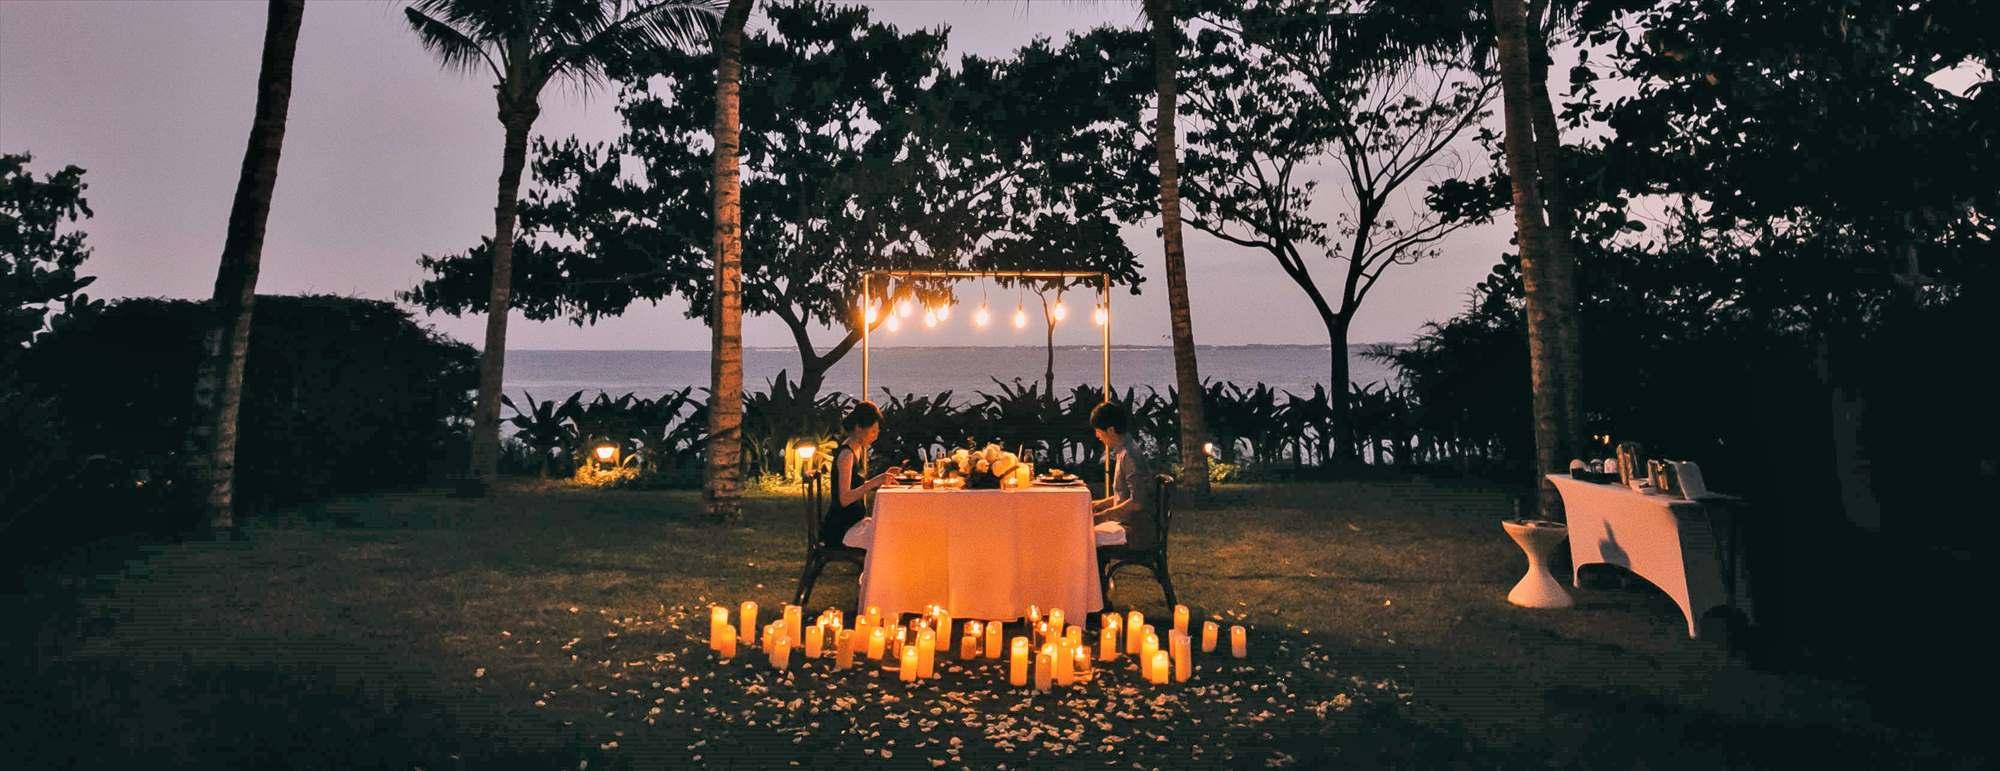 セブ島ガーデン・ロマンティック・ディナーCrimson Resort Garden Romantic Dinner~クリムゾン・リゾート&スパ・ガーデン挙式